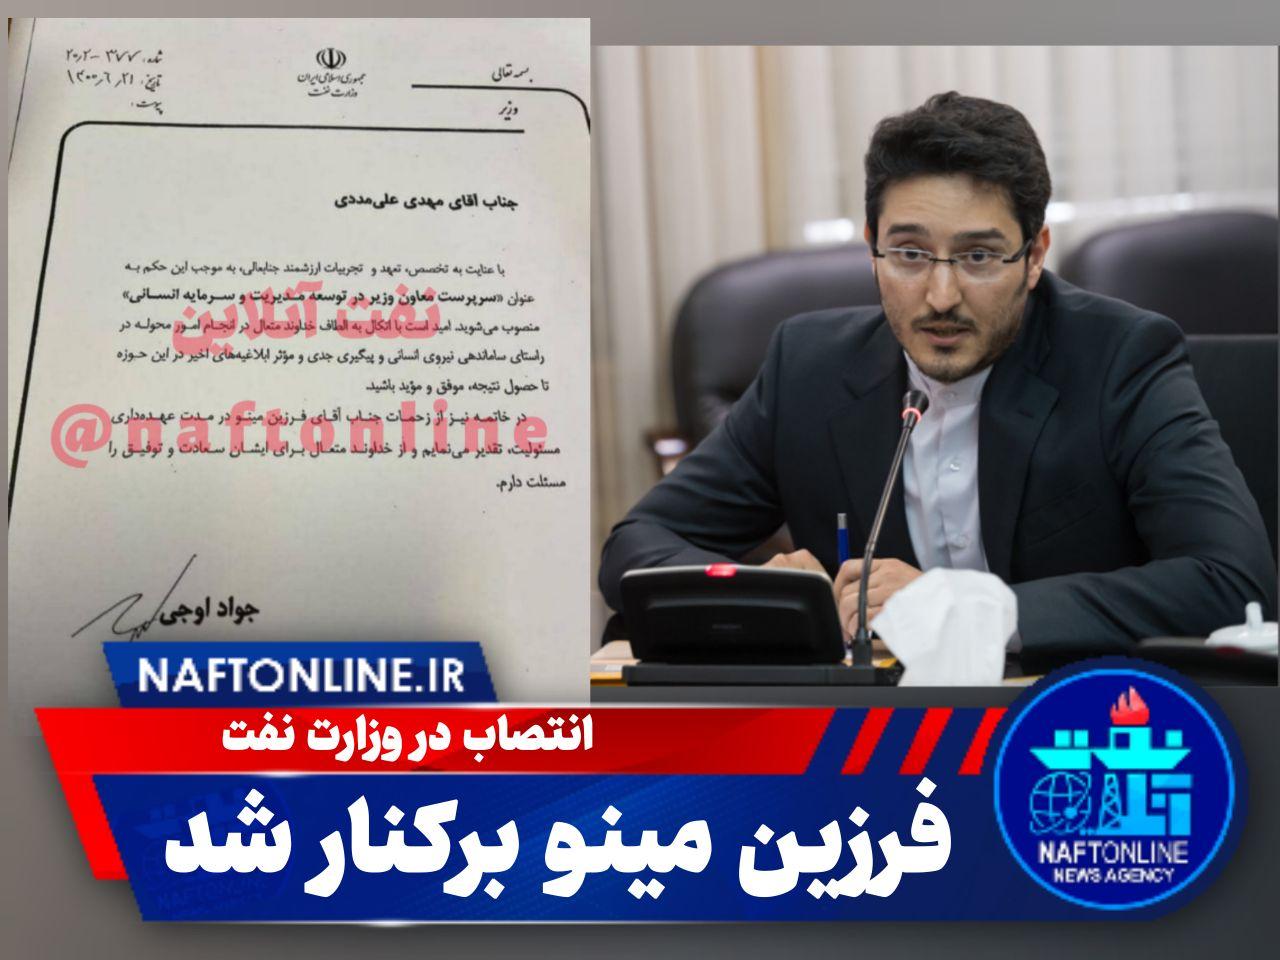 مهدی علی مددی سرپرست معاون وزیر در توسعه مديريت و سرمایه انسانی وزارت نفت | نفت آنلاین